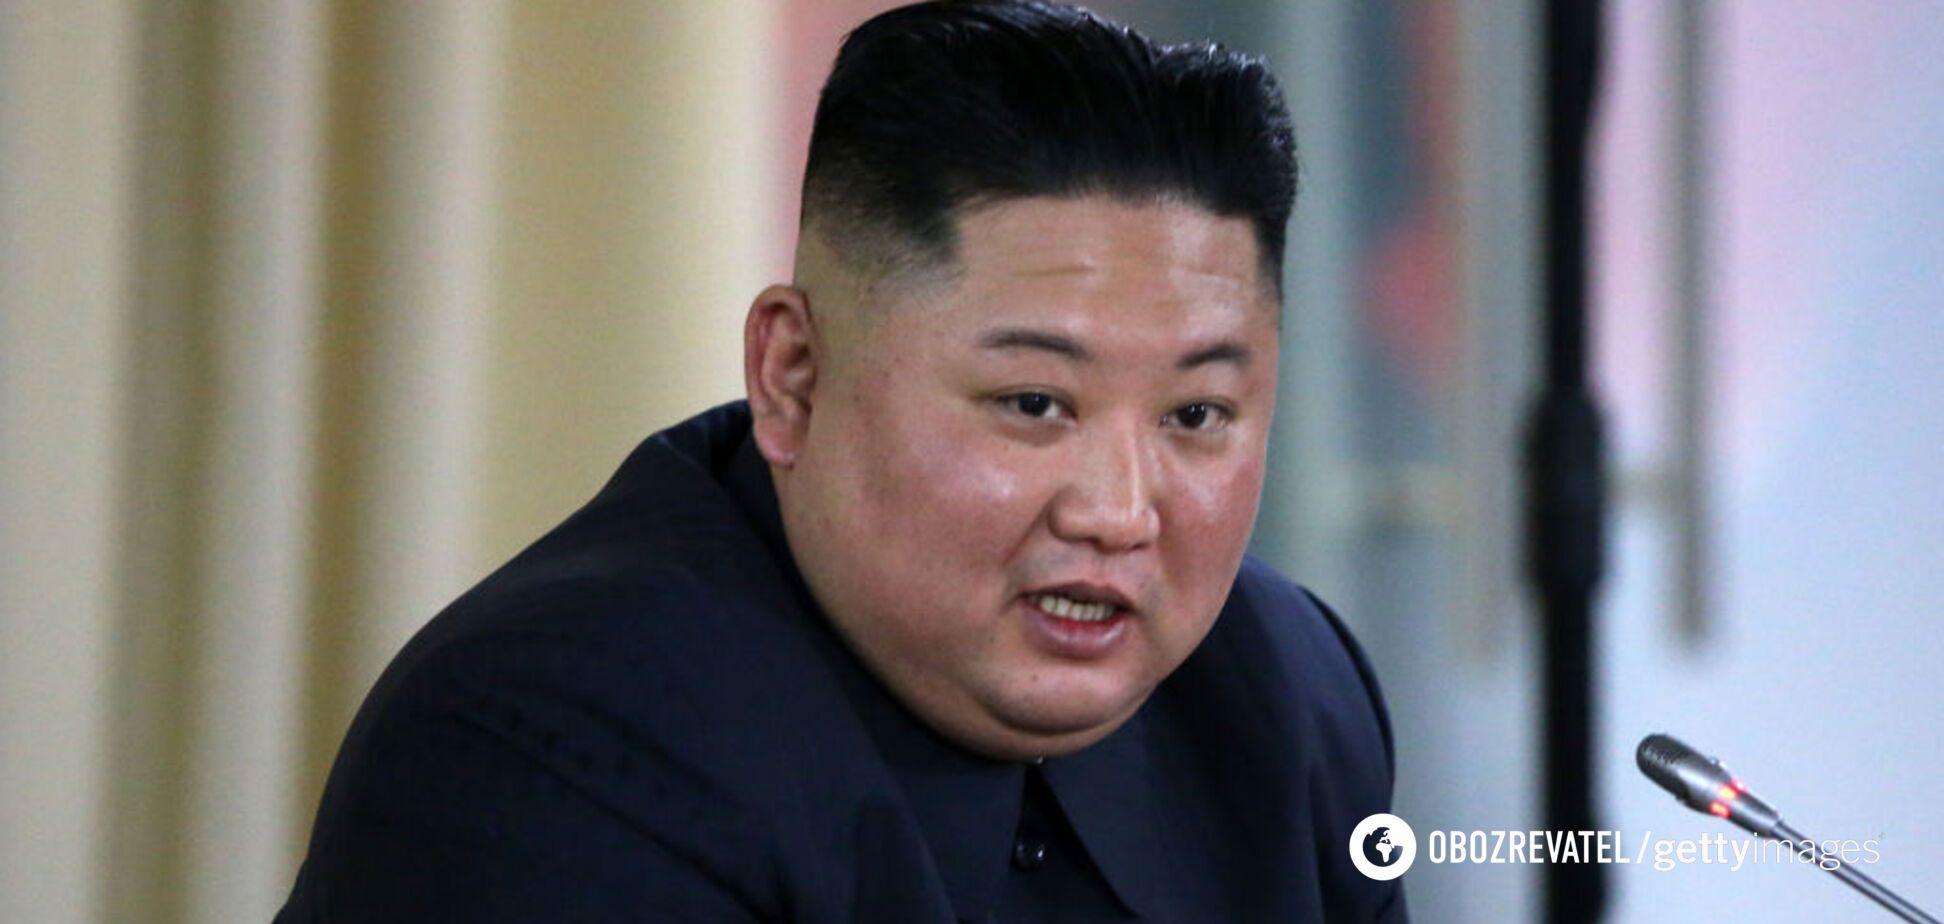 Разведчики рассказали о состоянии здоровья Ким Чен Ына: он похудел на 20 килограмм. Фото